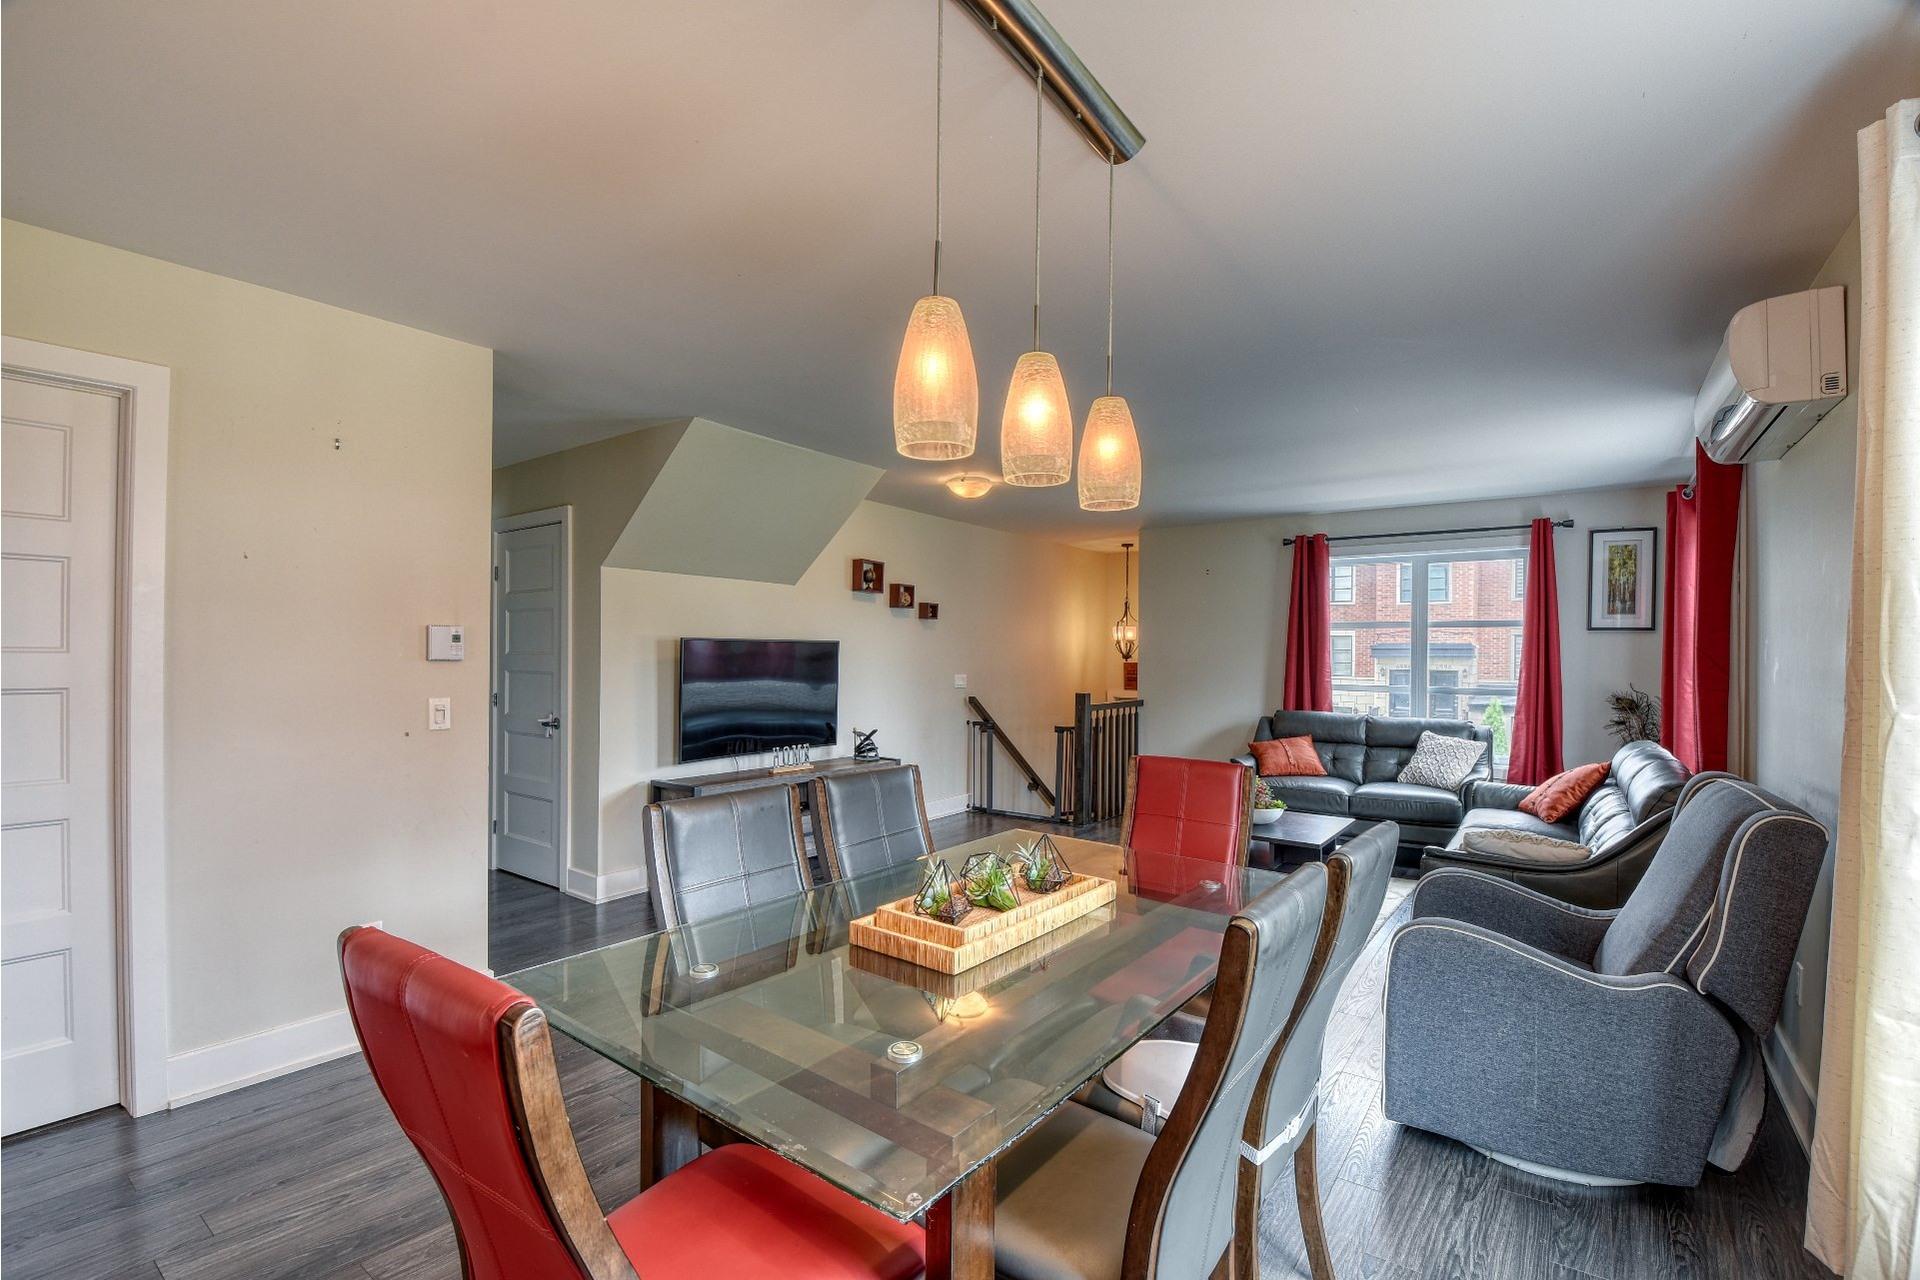 image 6 - Appartement À vendre Duvernay Laval  - 6 pièces